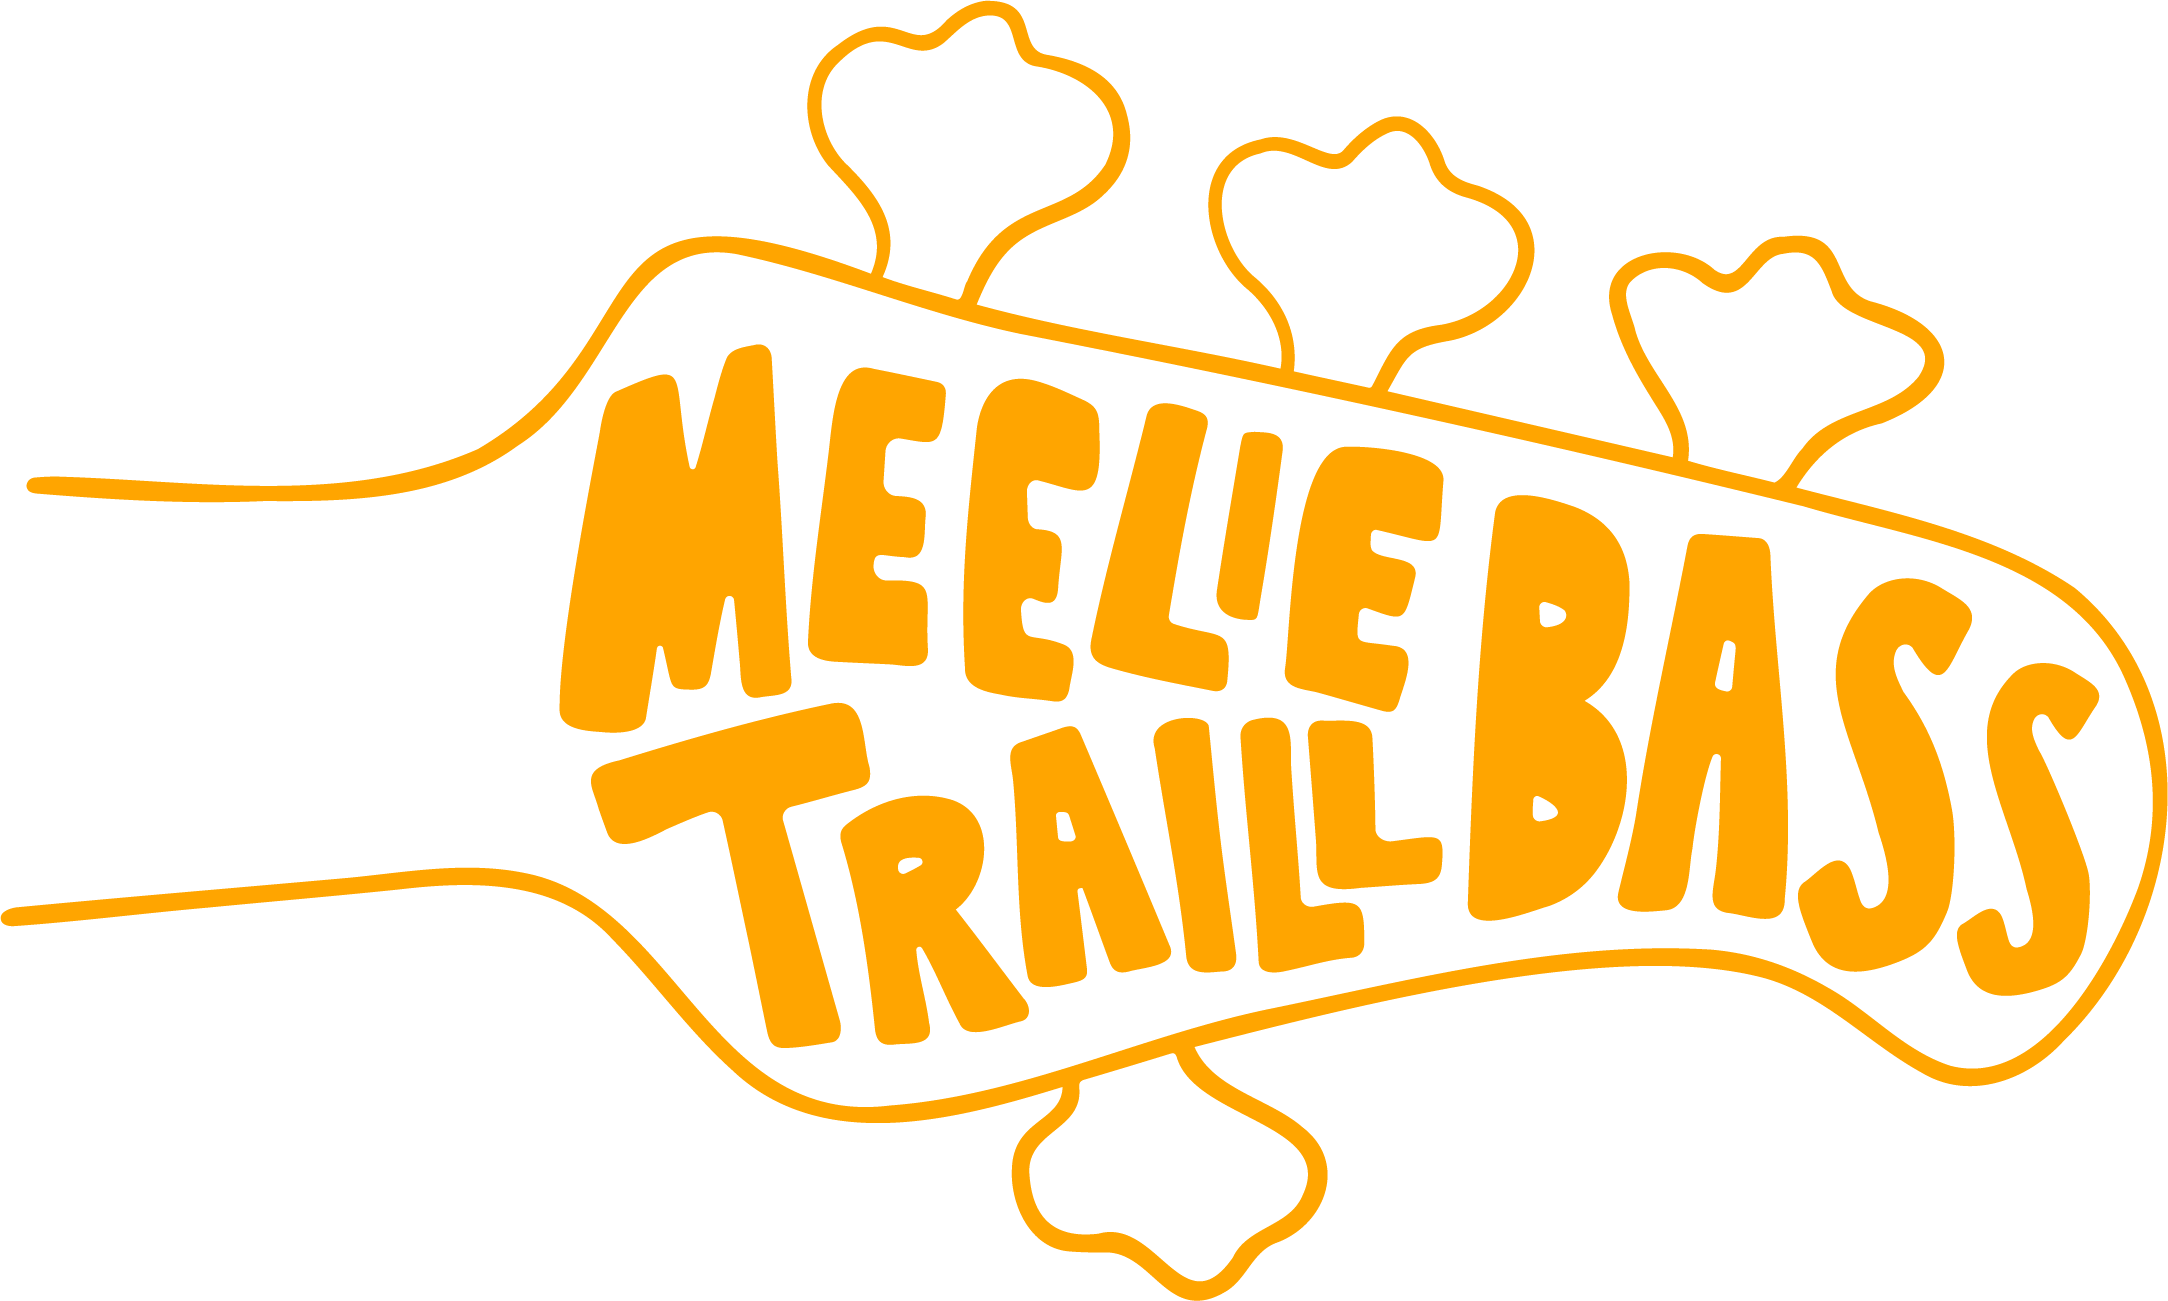 Meelie Traill Bass